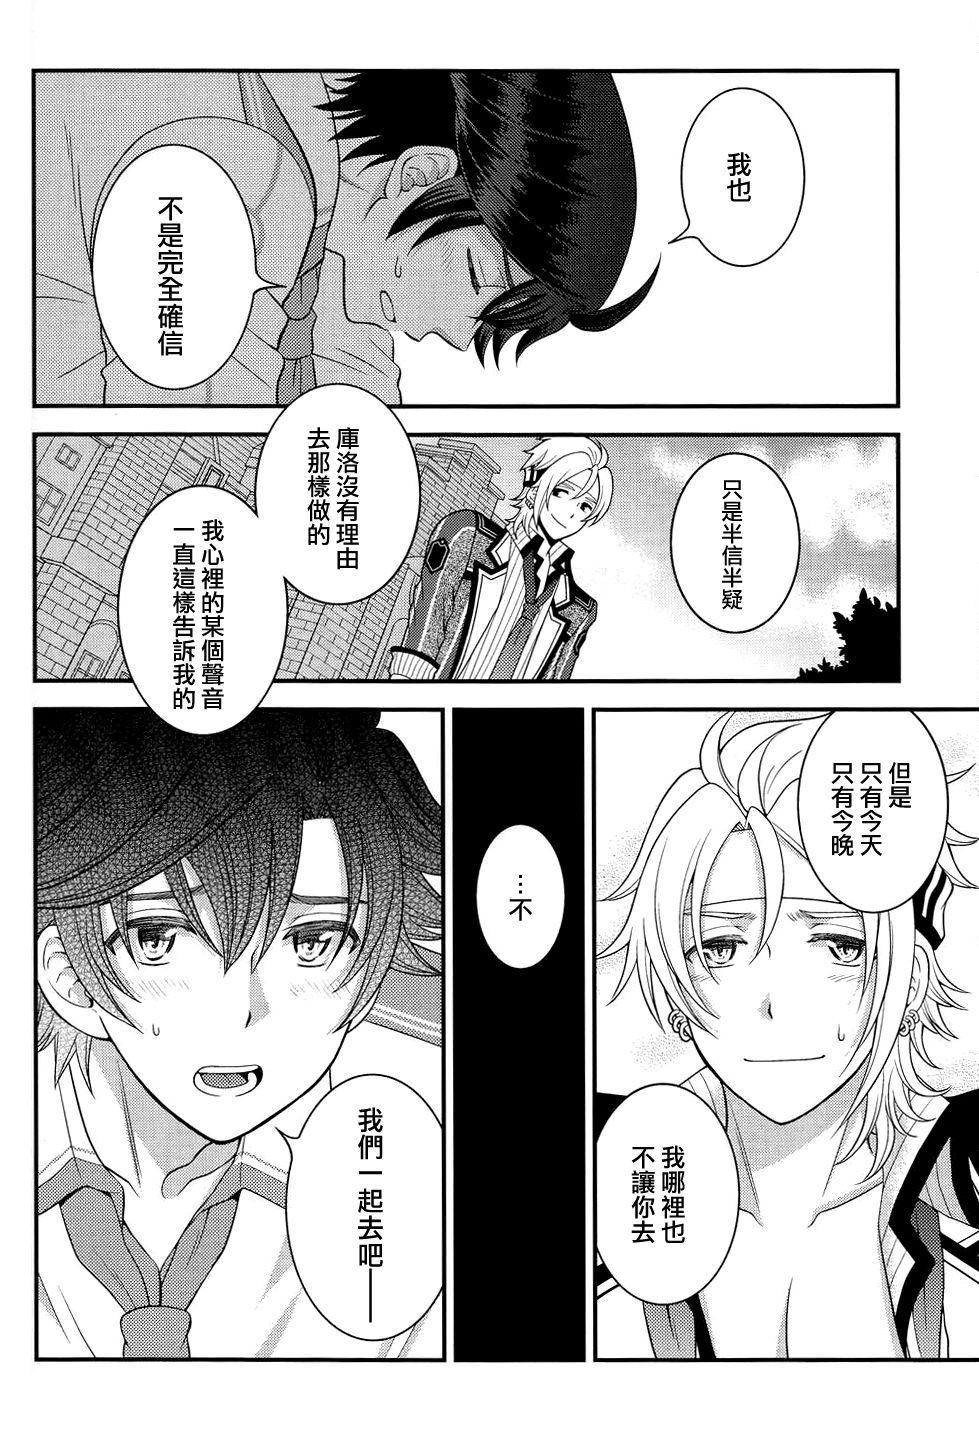 Shounen wa Denki Hitsujin no Yume o Miru ka Vol. 3 9